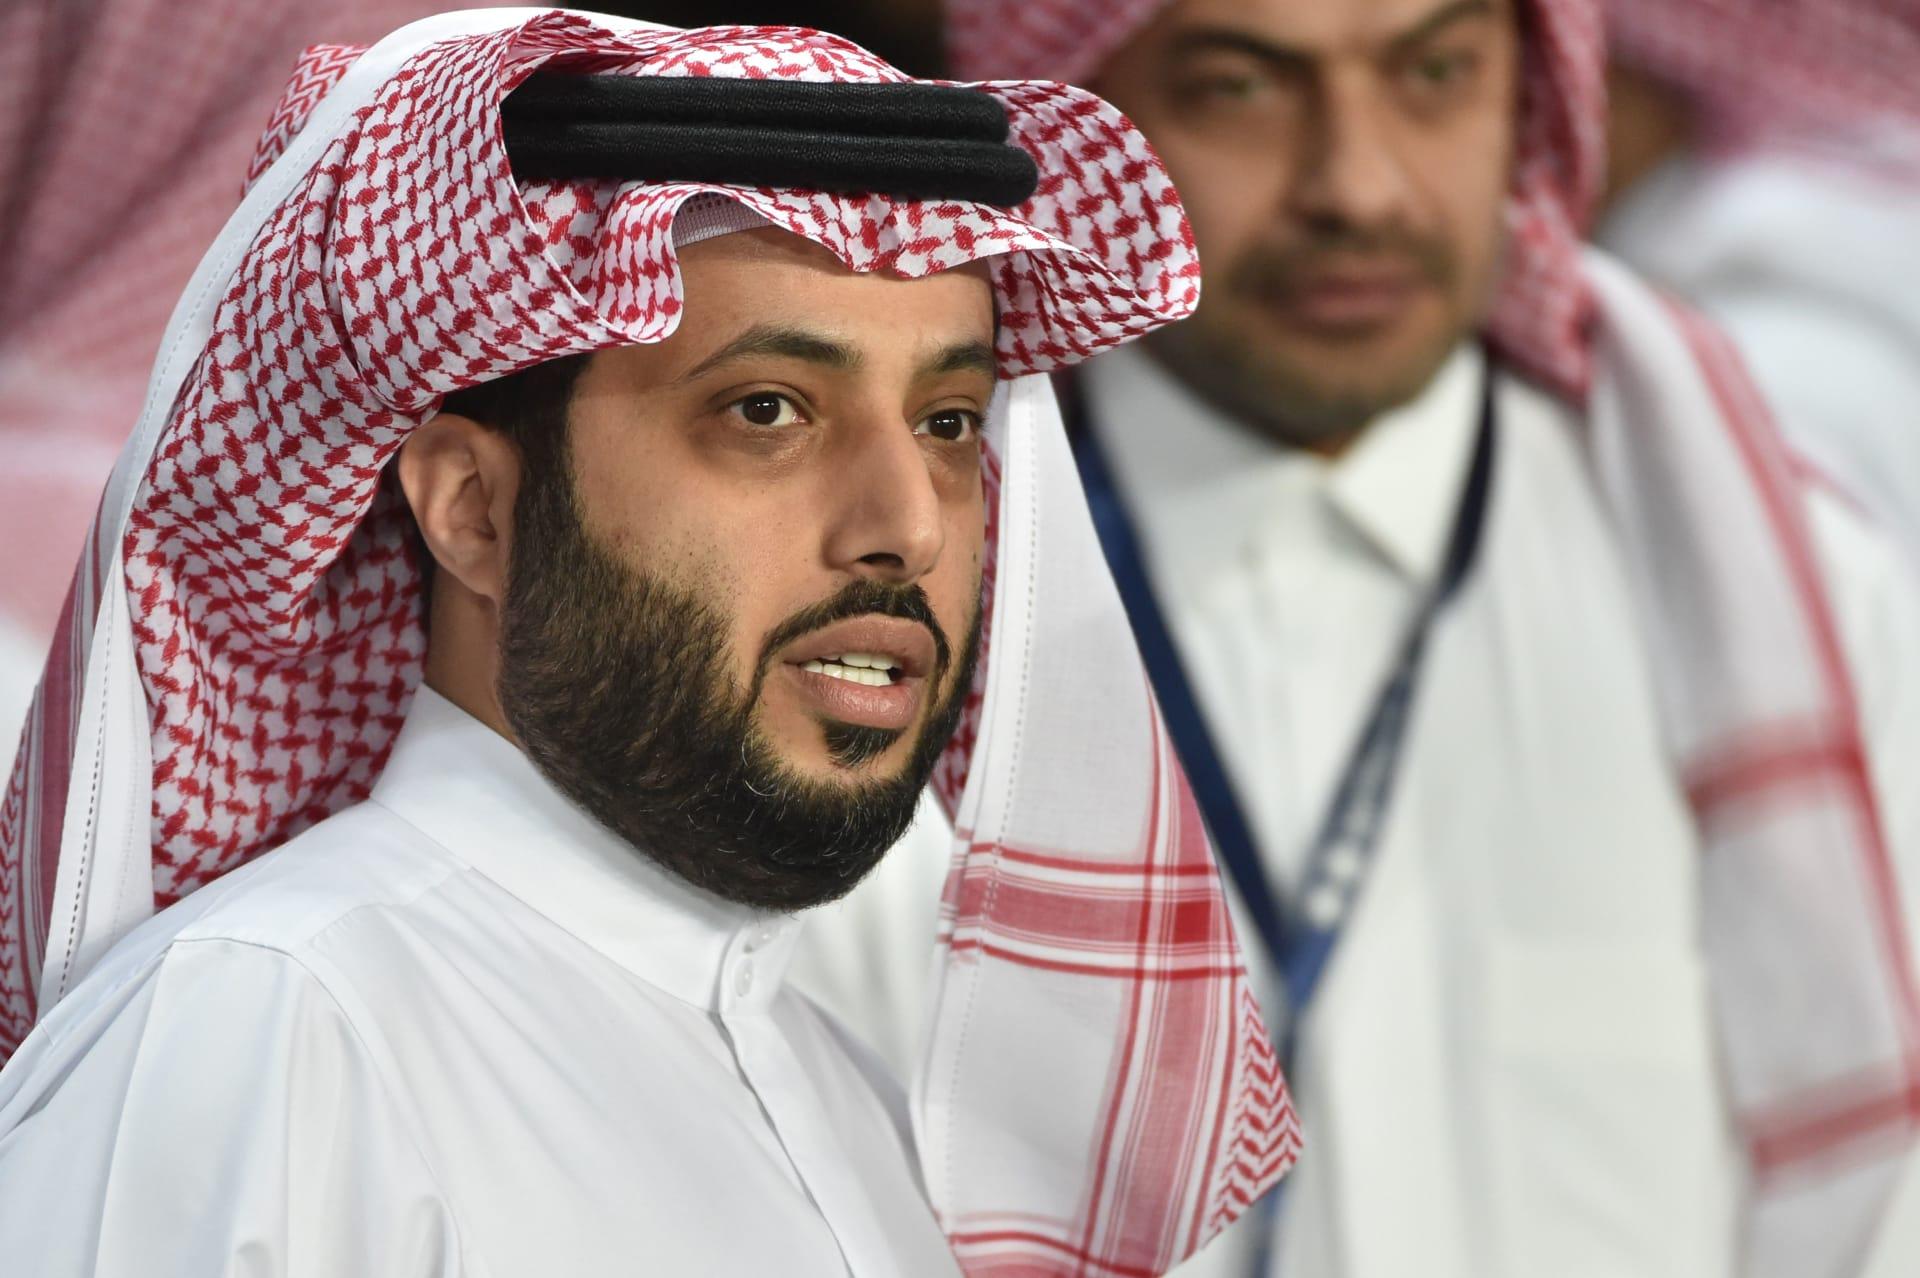 تركي آل الشيخ يروي حكايته مع ألميريا ويكشف حجم مساهمته برأس المال